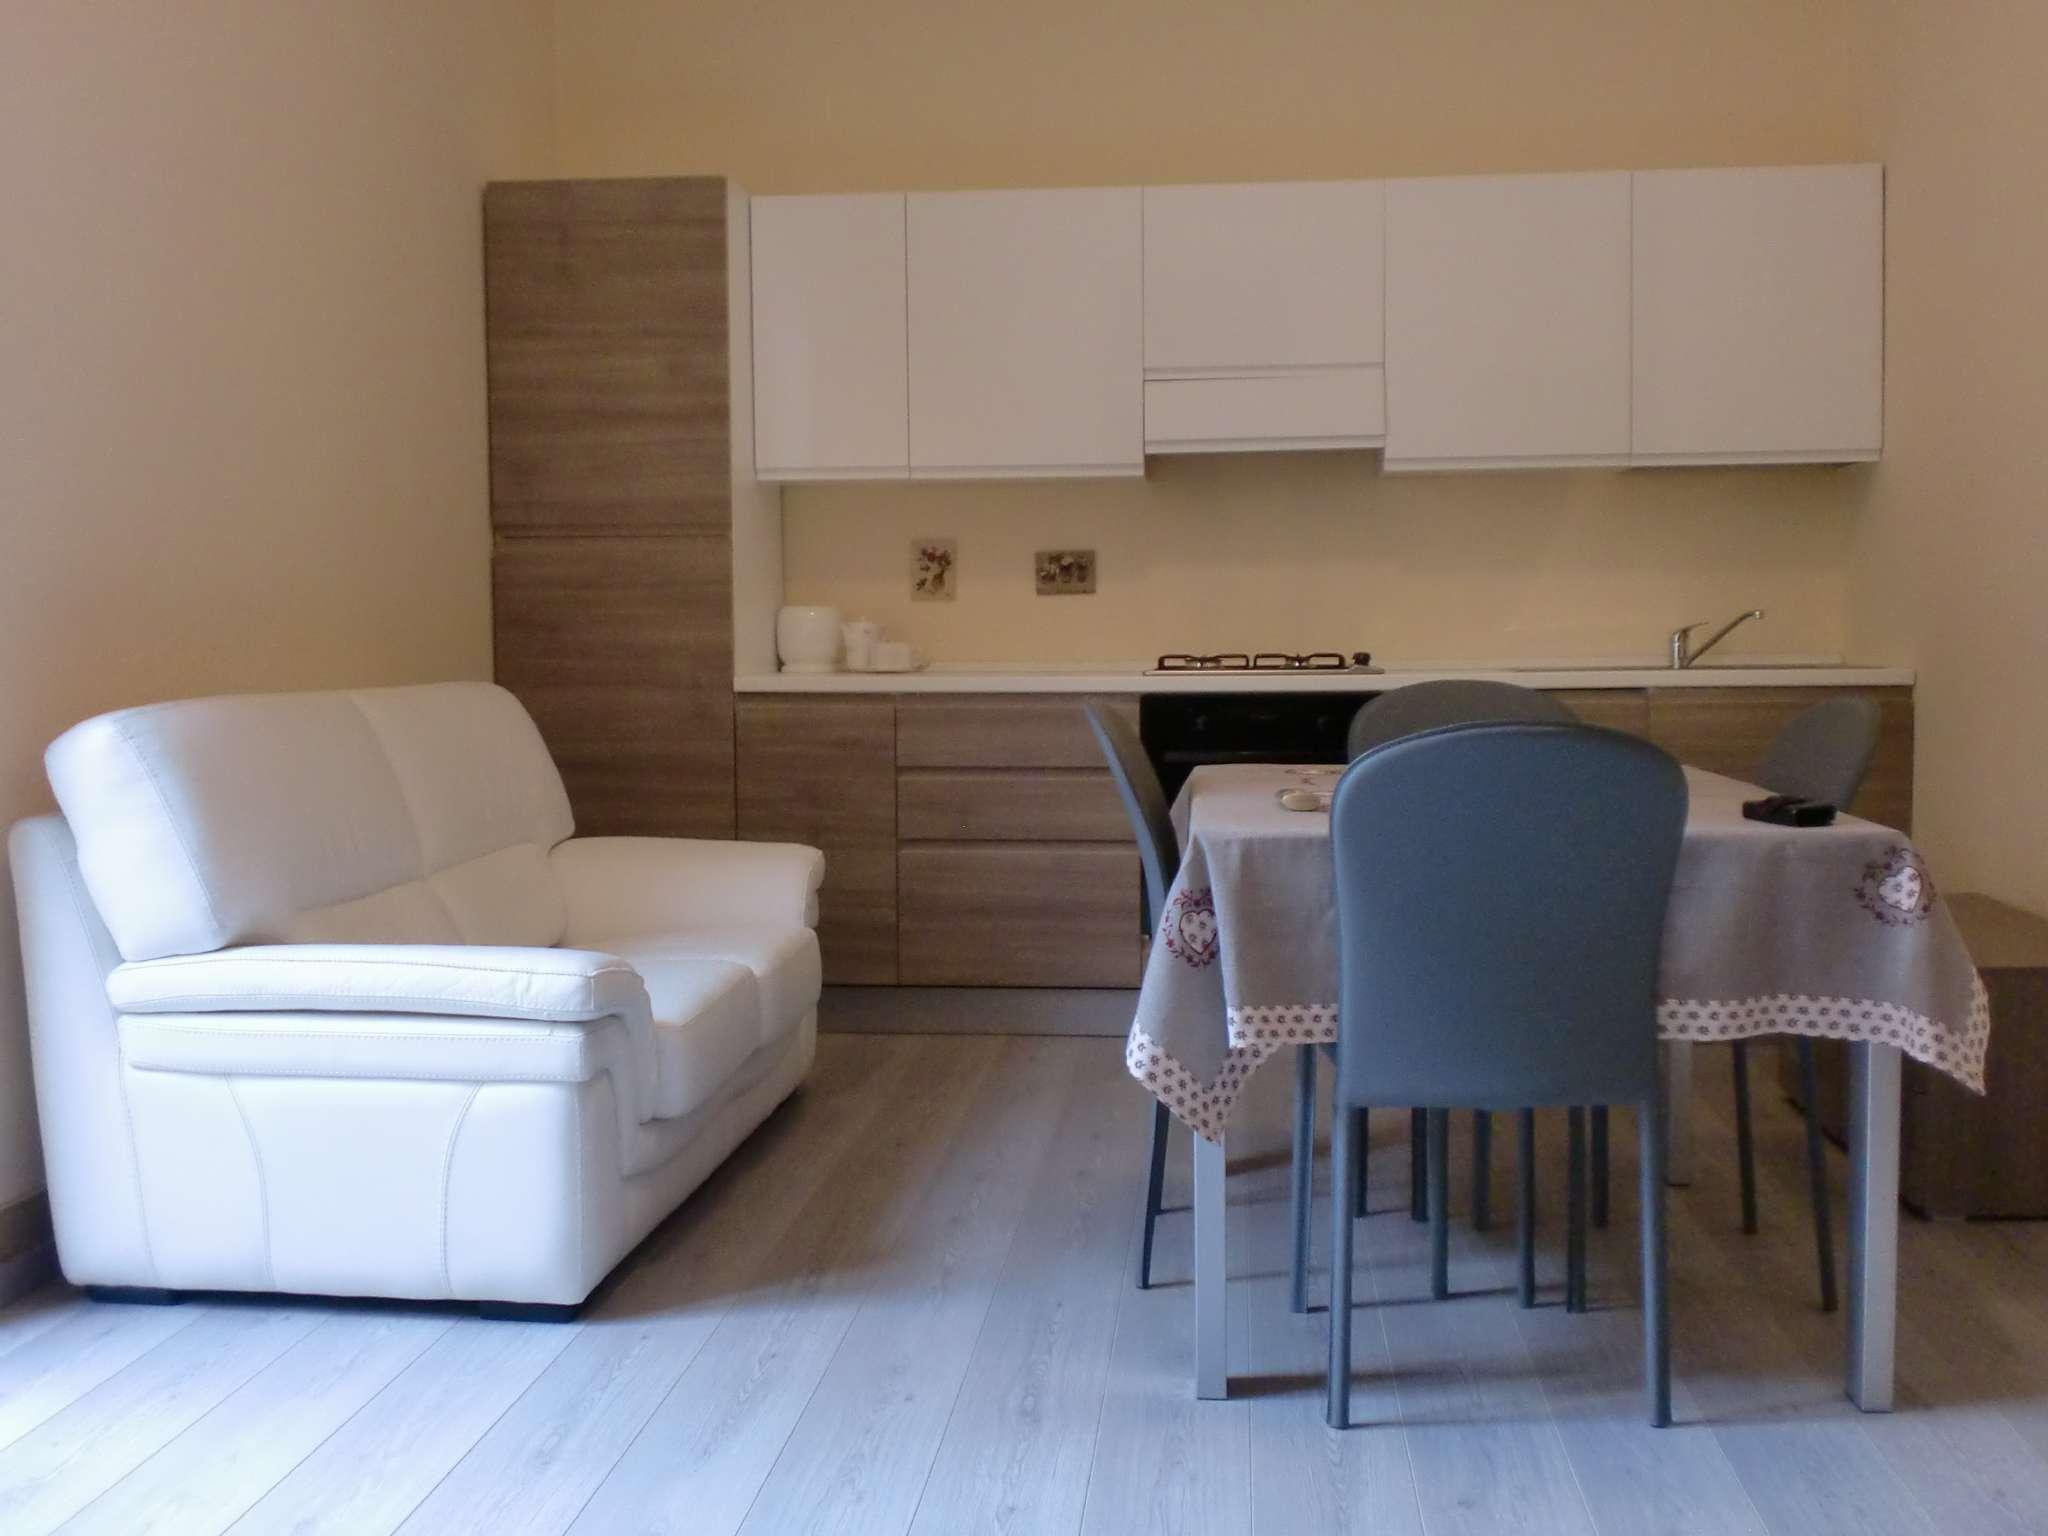 Appartamento in vendita a Bagheria, 4 locali, prezzo € 70.000 | PortaleAgenzieImmobiliari.it